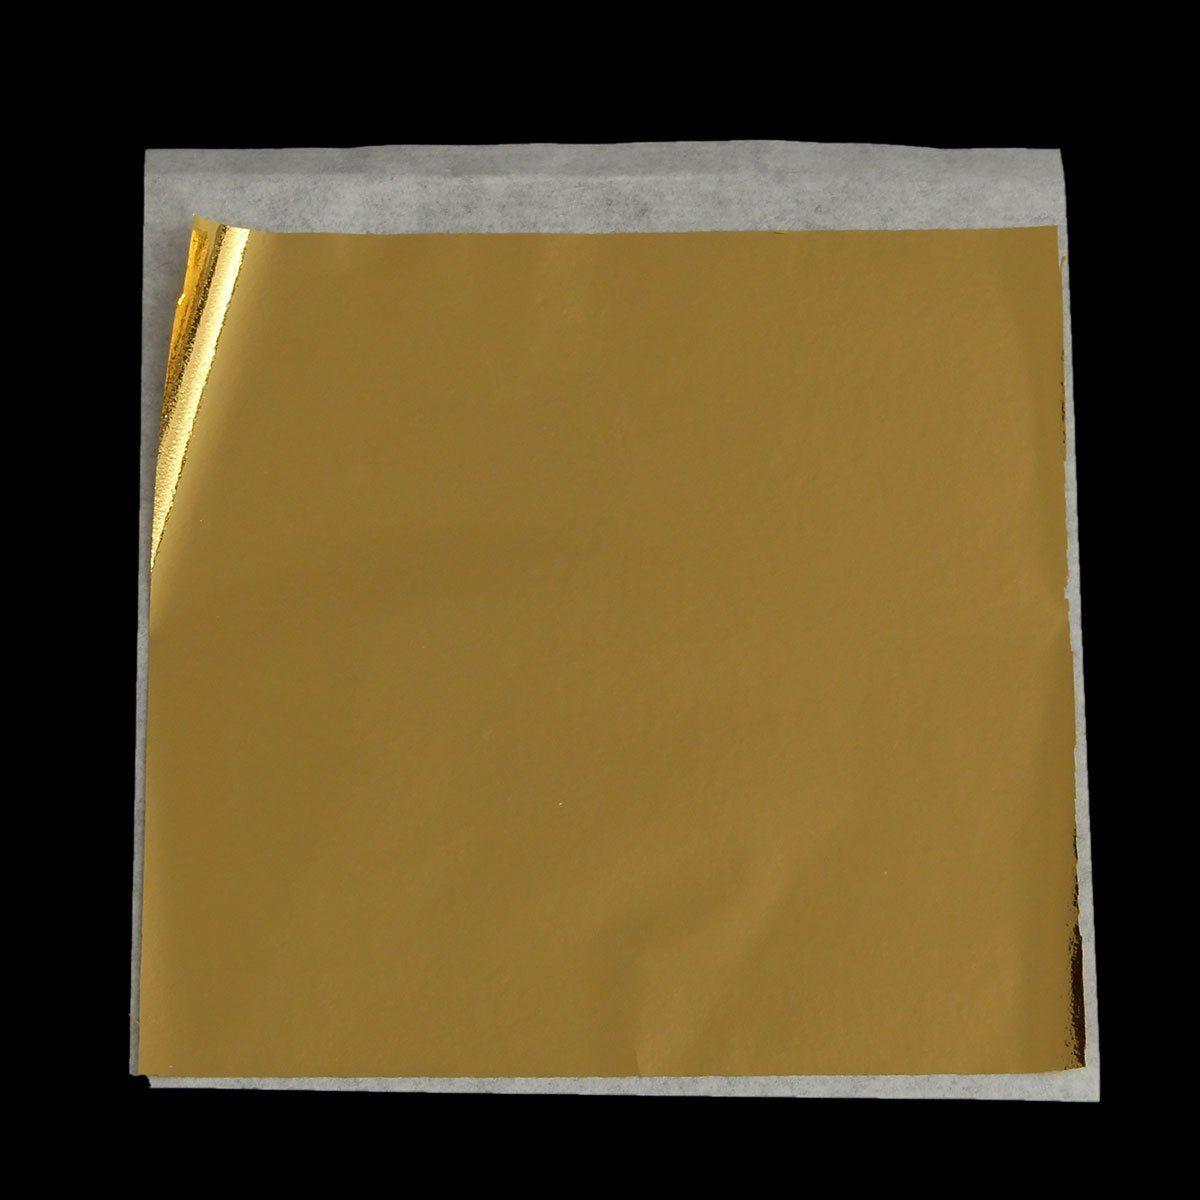 100pcs 9 5x8 5cm Gold Foil Paper Gold Leaf Foil Sheets Feuille Feuille D Or Decorations Dorees